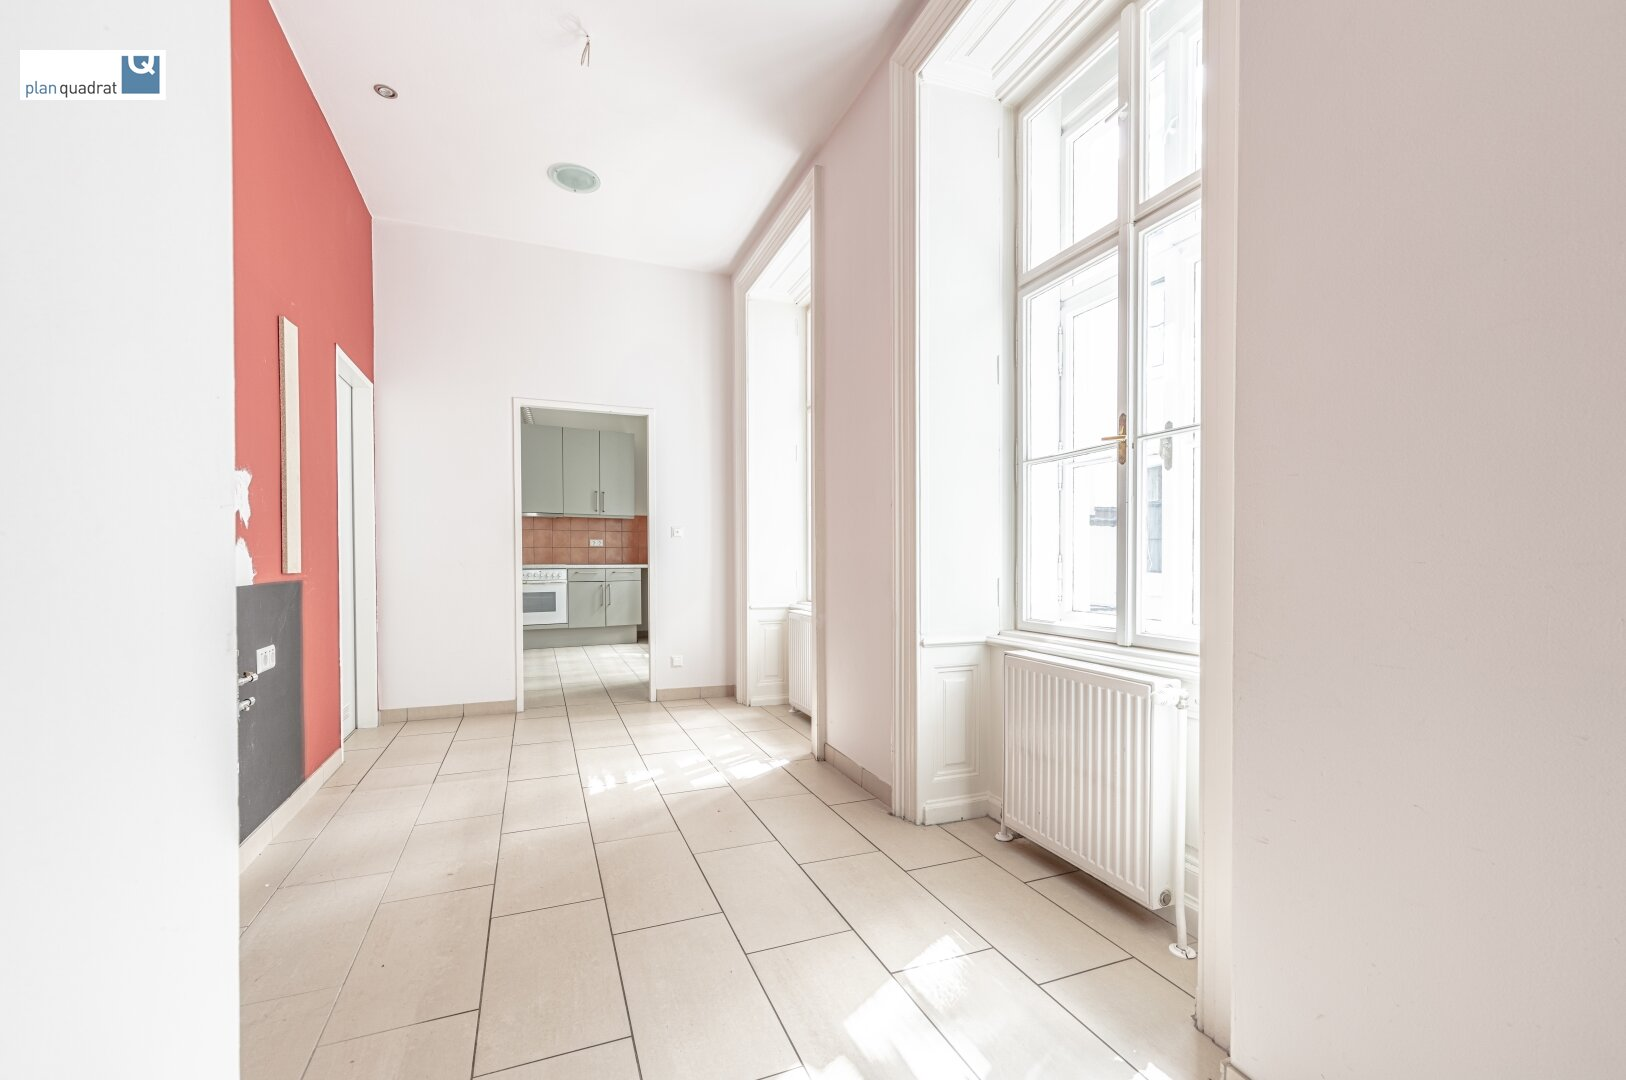 Vorraum (ca. 9,00 m²) - Zugang von Stiege 2 (Nebeneingang)